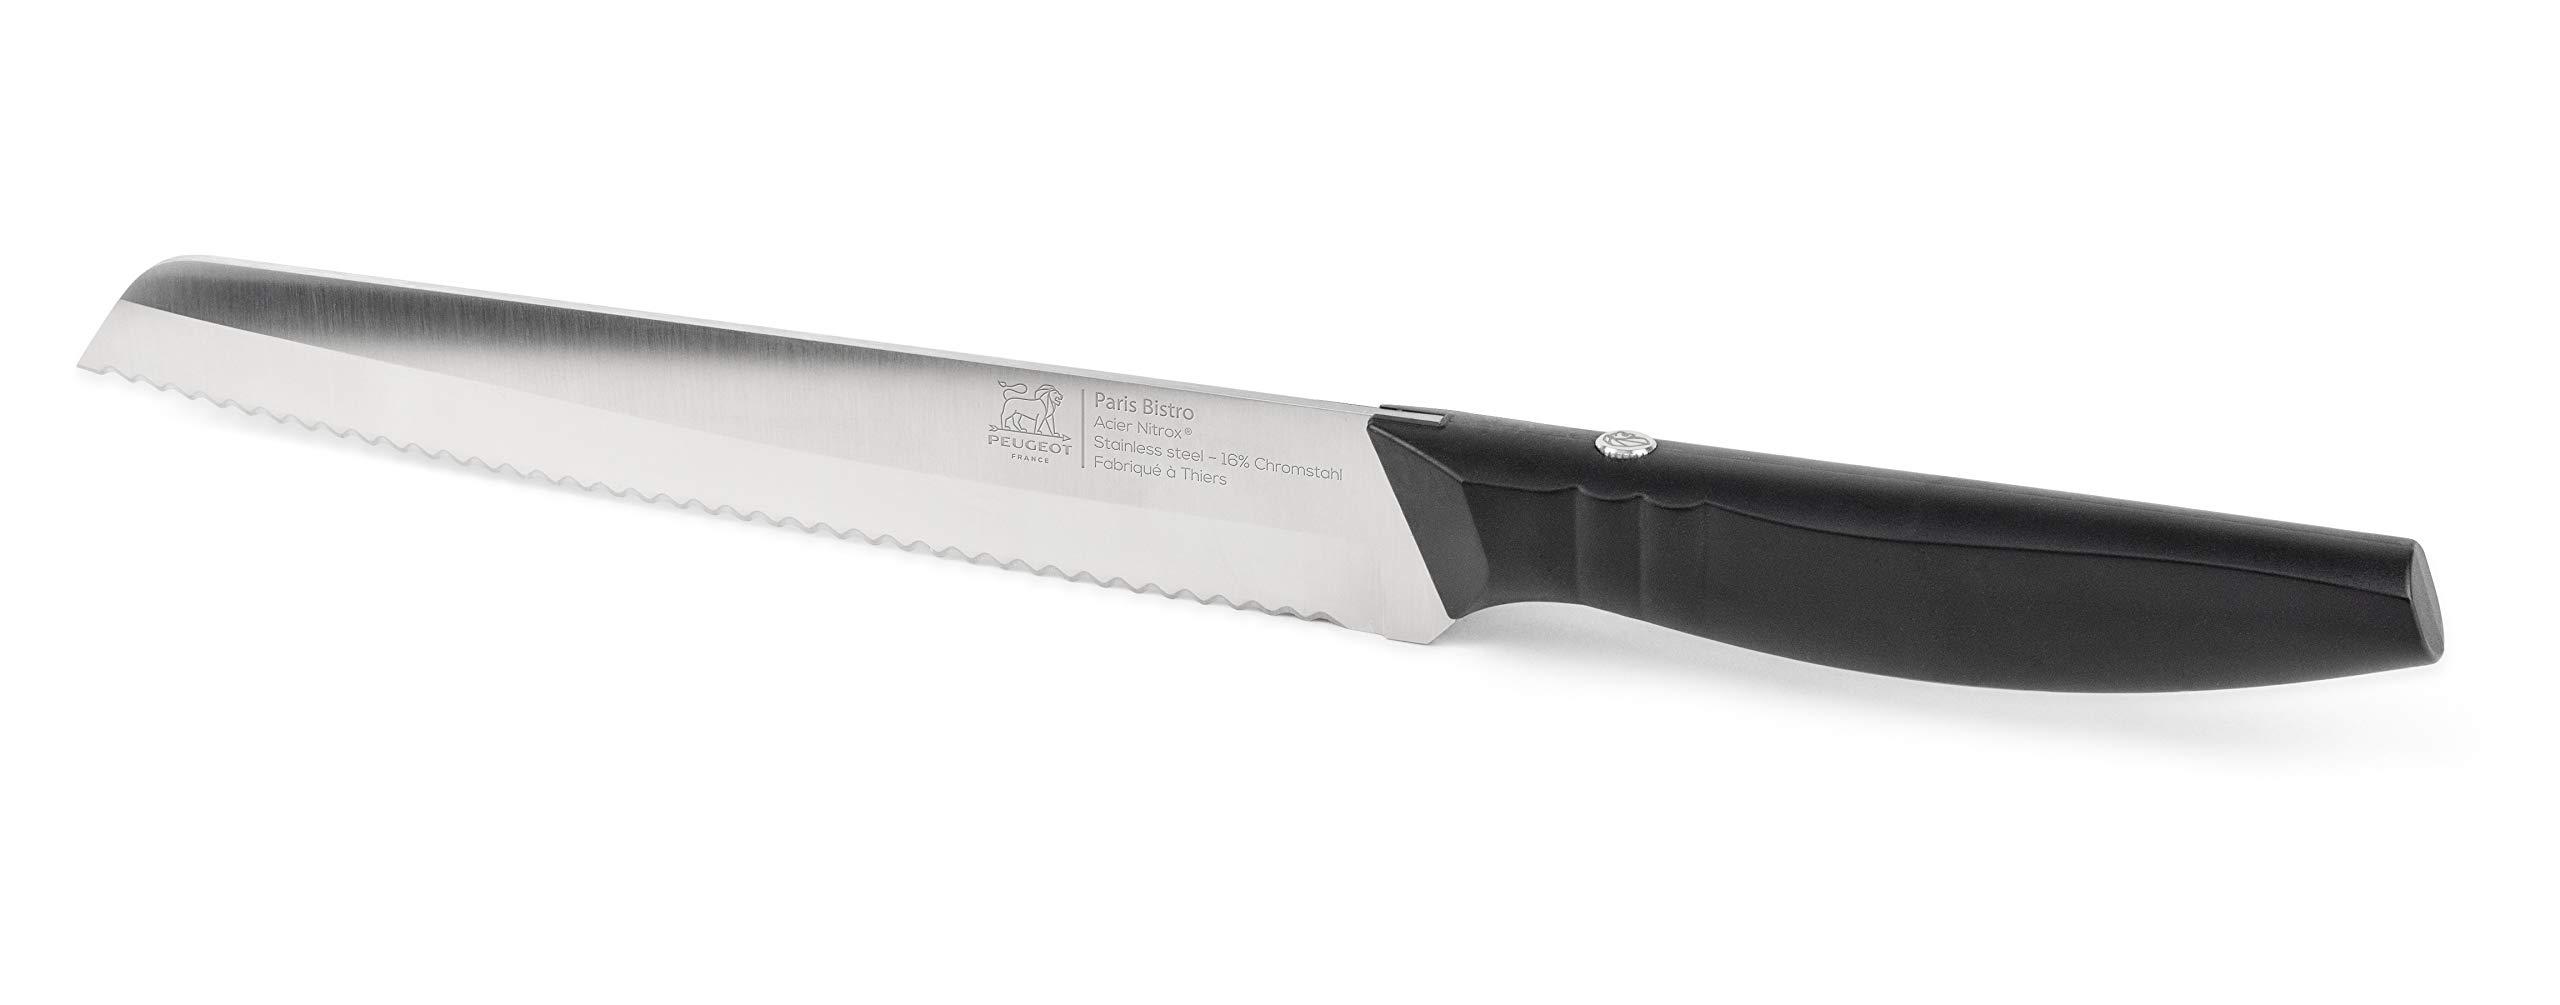 Peugeot 50085 Paris Bistro, Bread Knife, 20cm / 8-inch Black